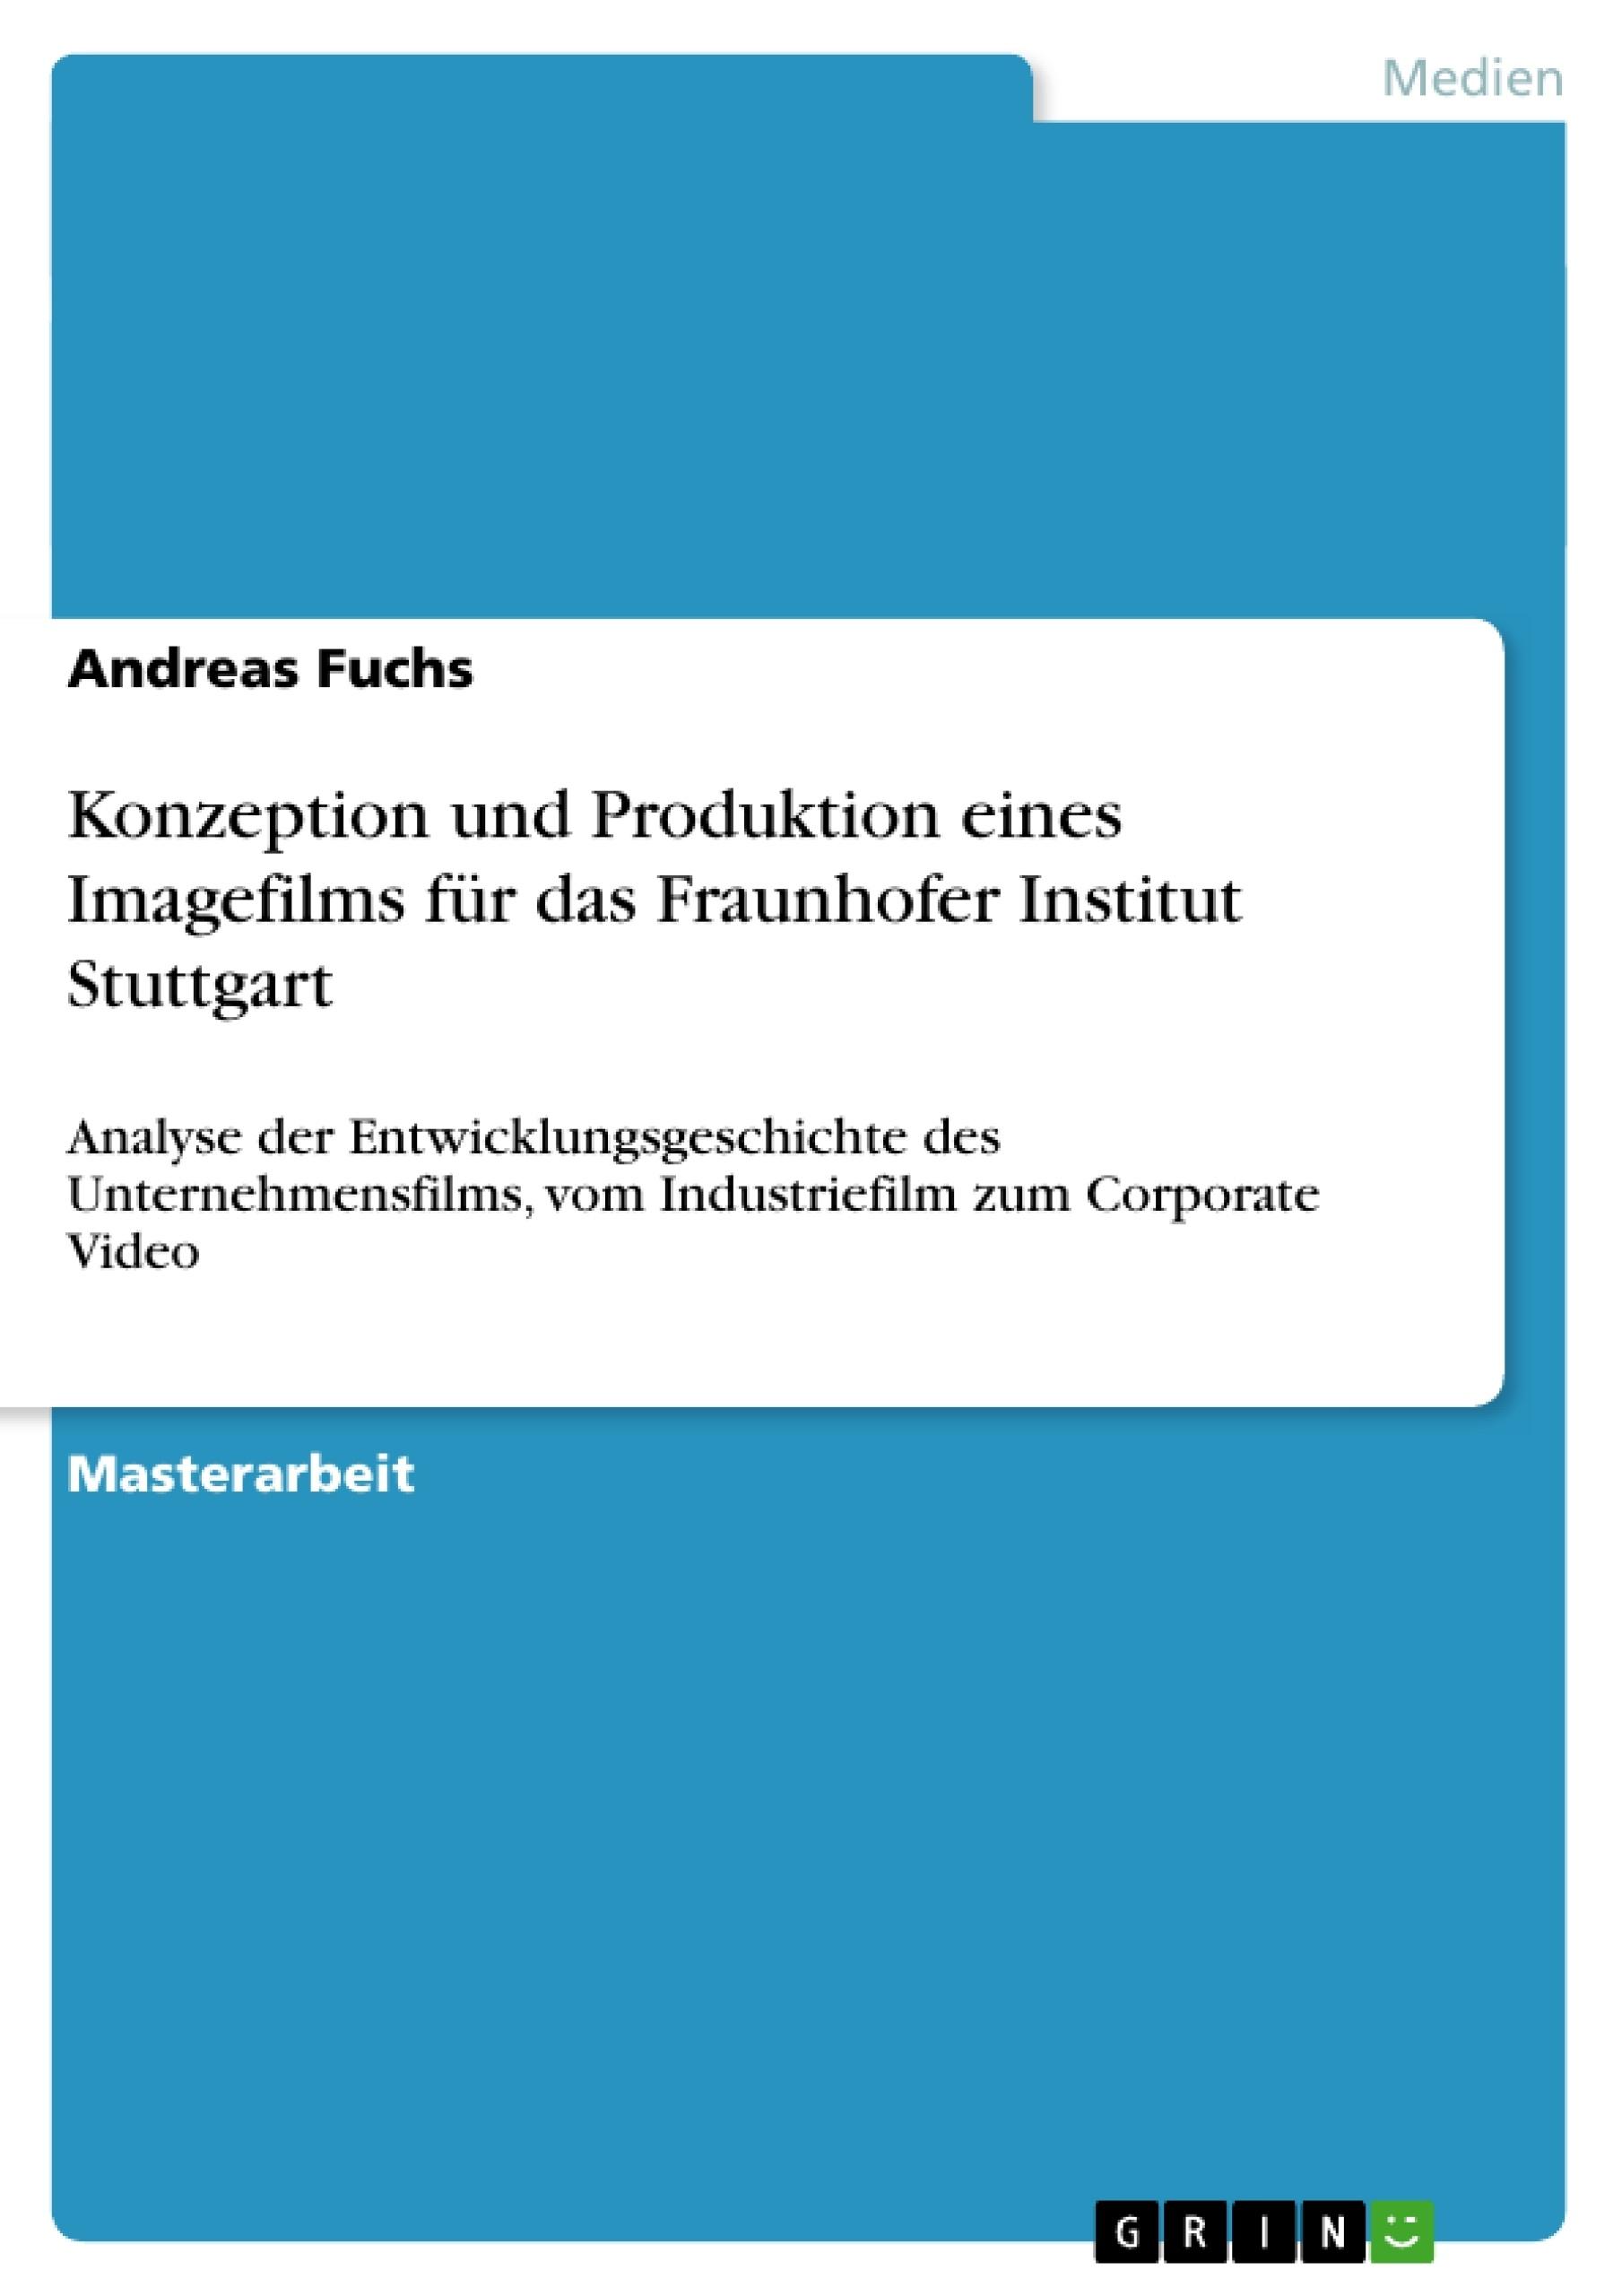 Titel: Konzeption und Produktion eines Imagefilms für das Fraunhofer Institut Stuttgart